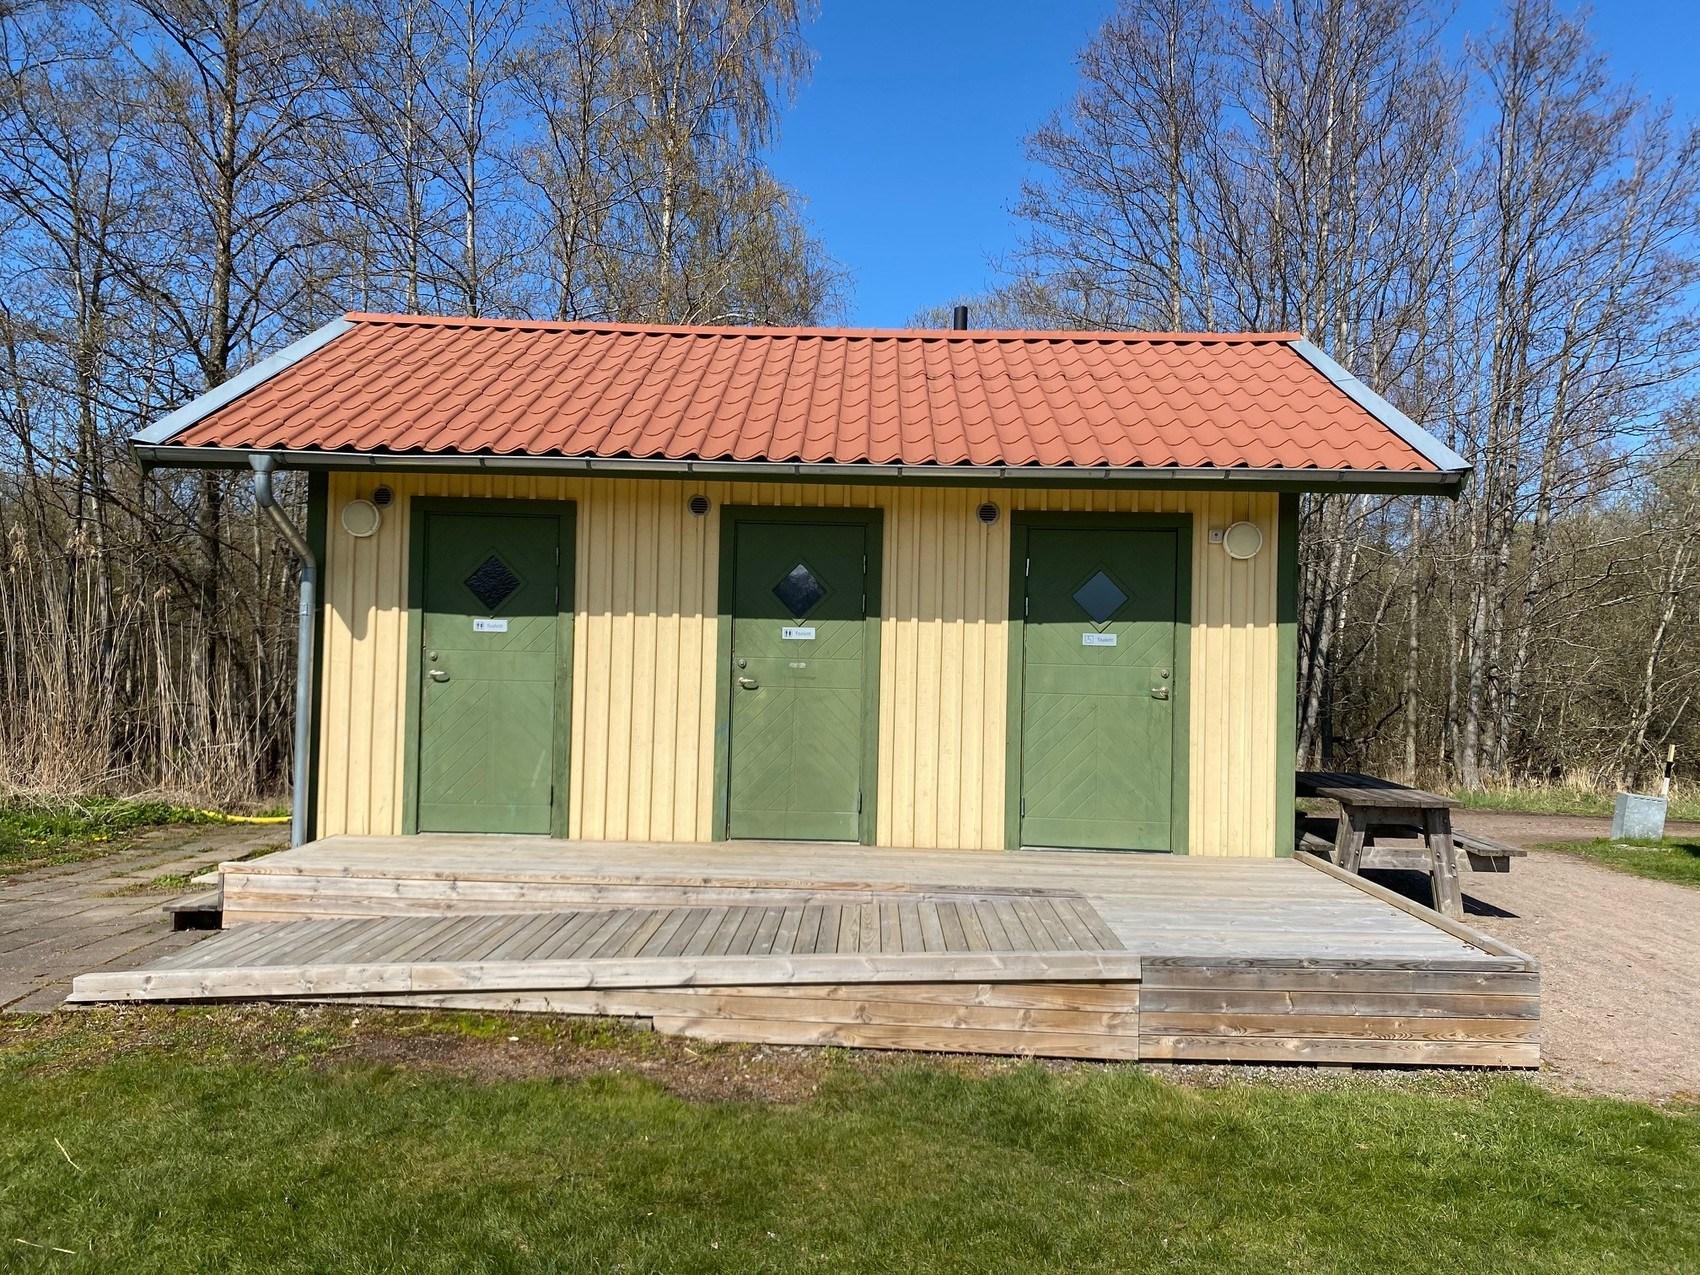 Gulbyggnad med tre gröna dörrar